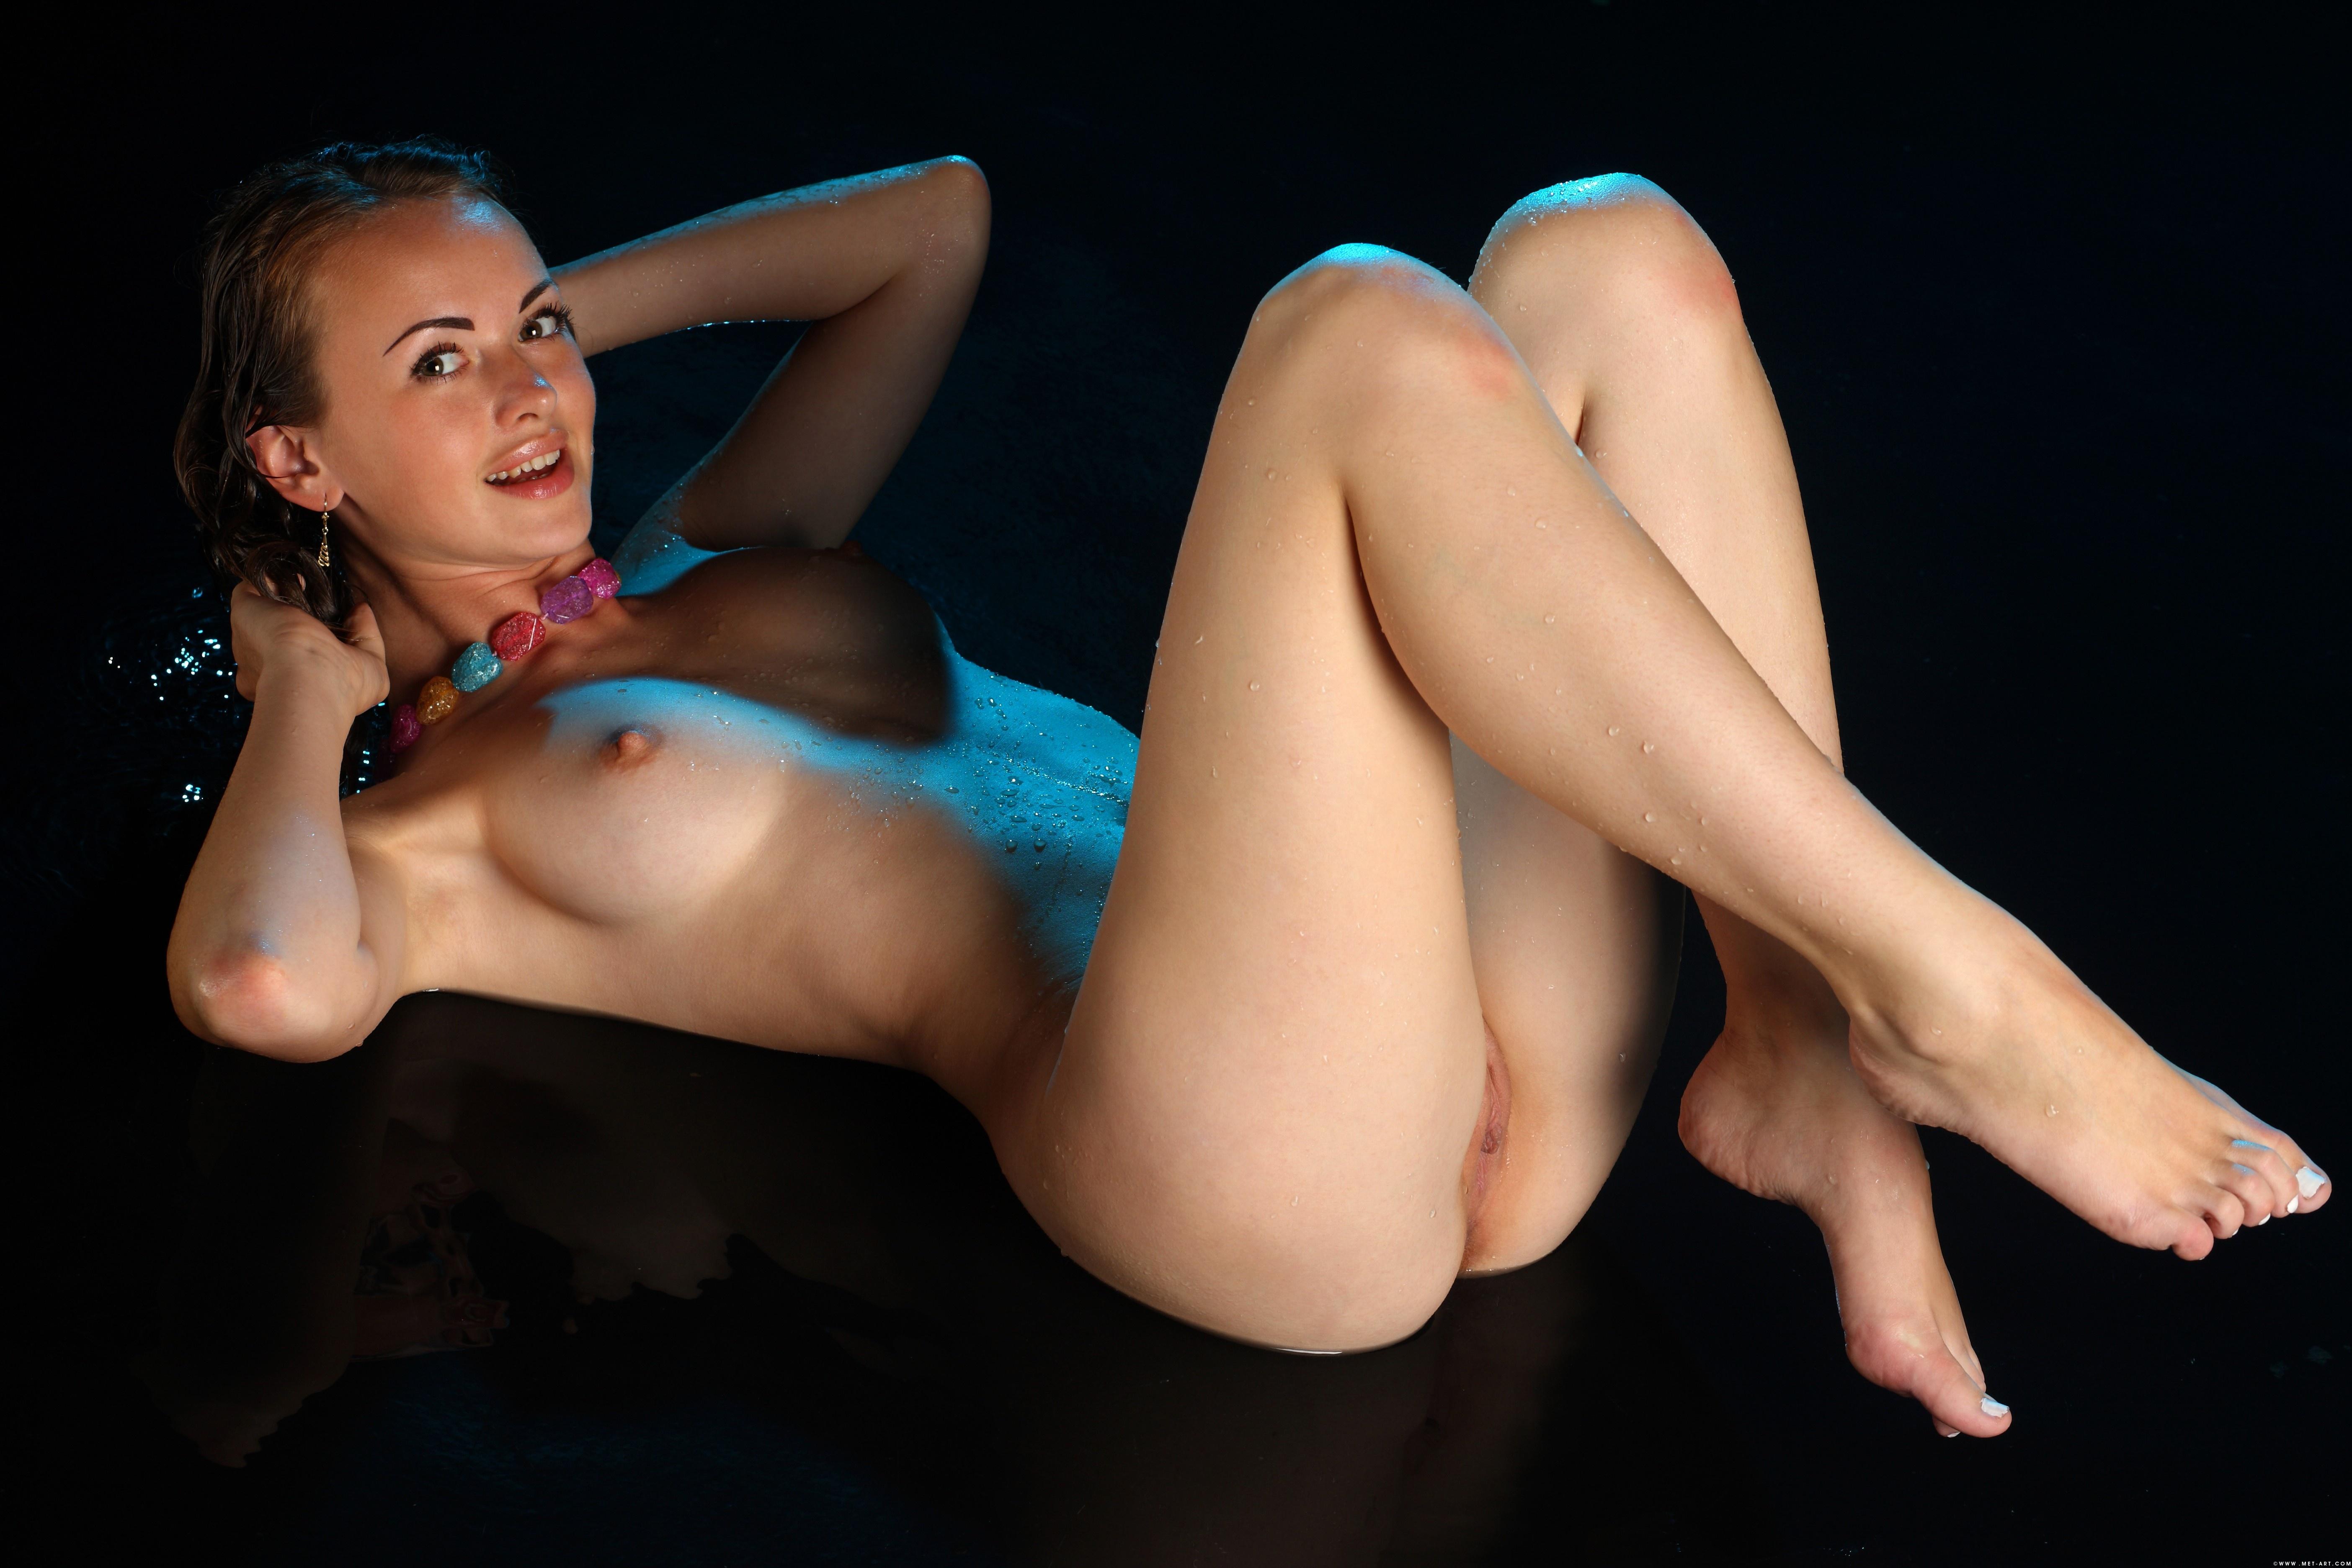 nastya girl nude